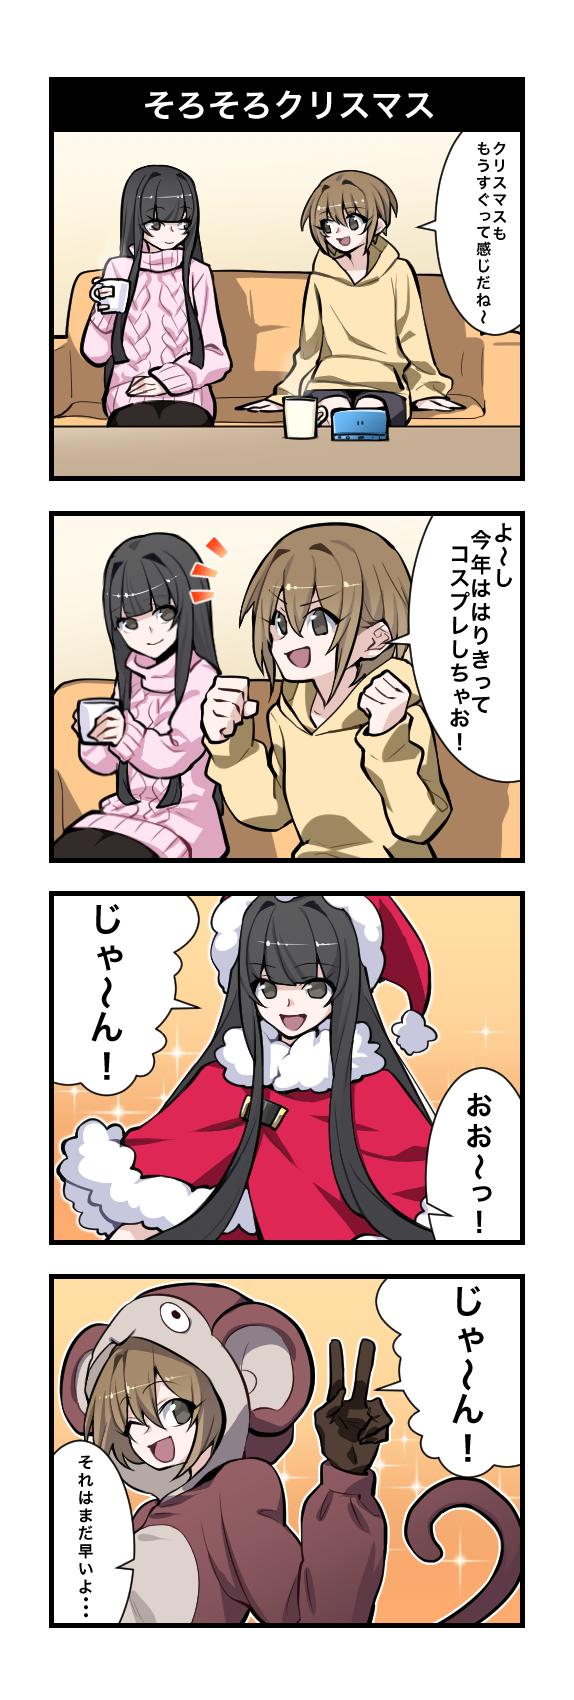 そろそろクリスマス